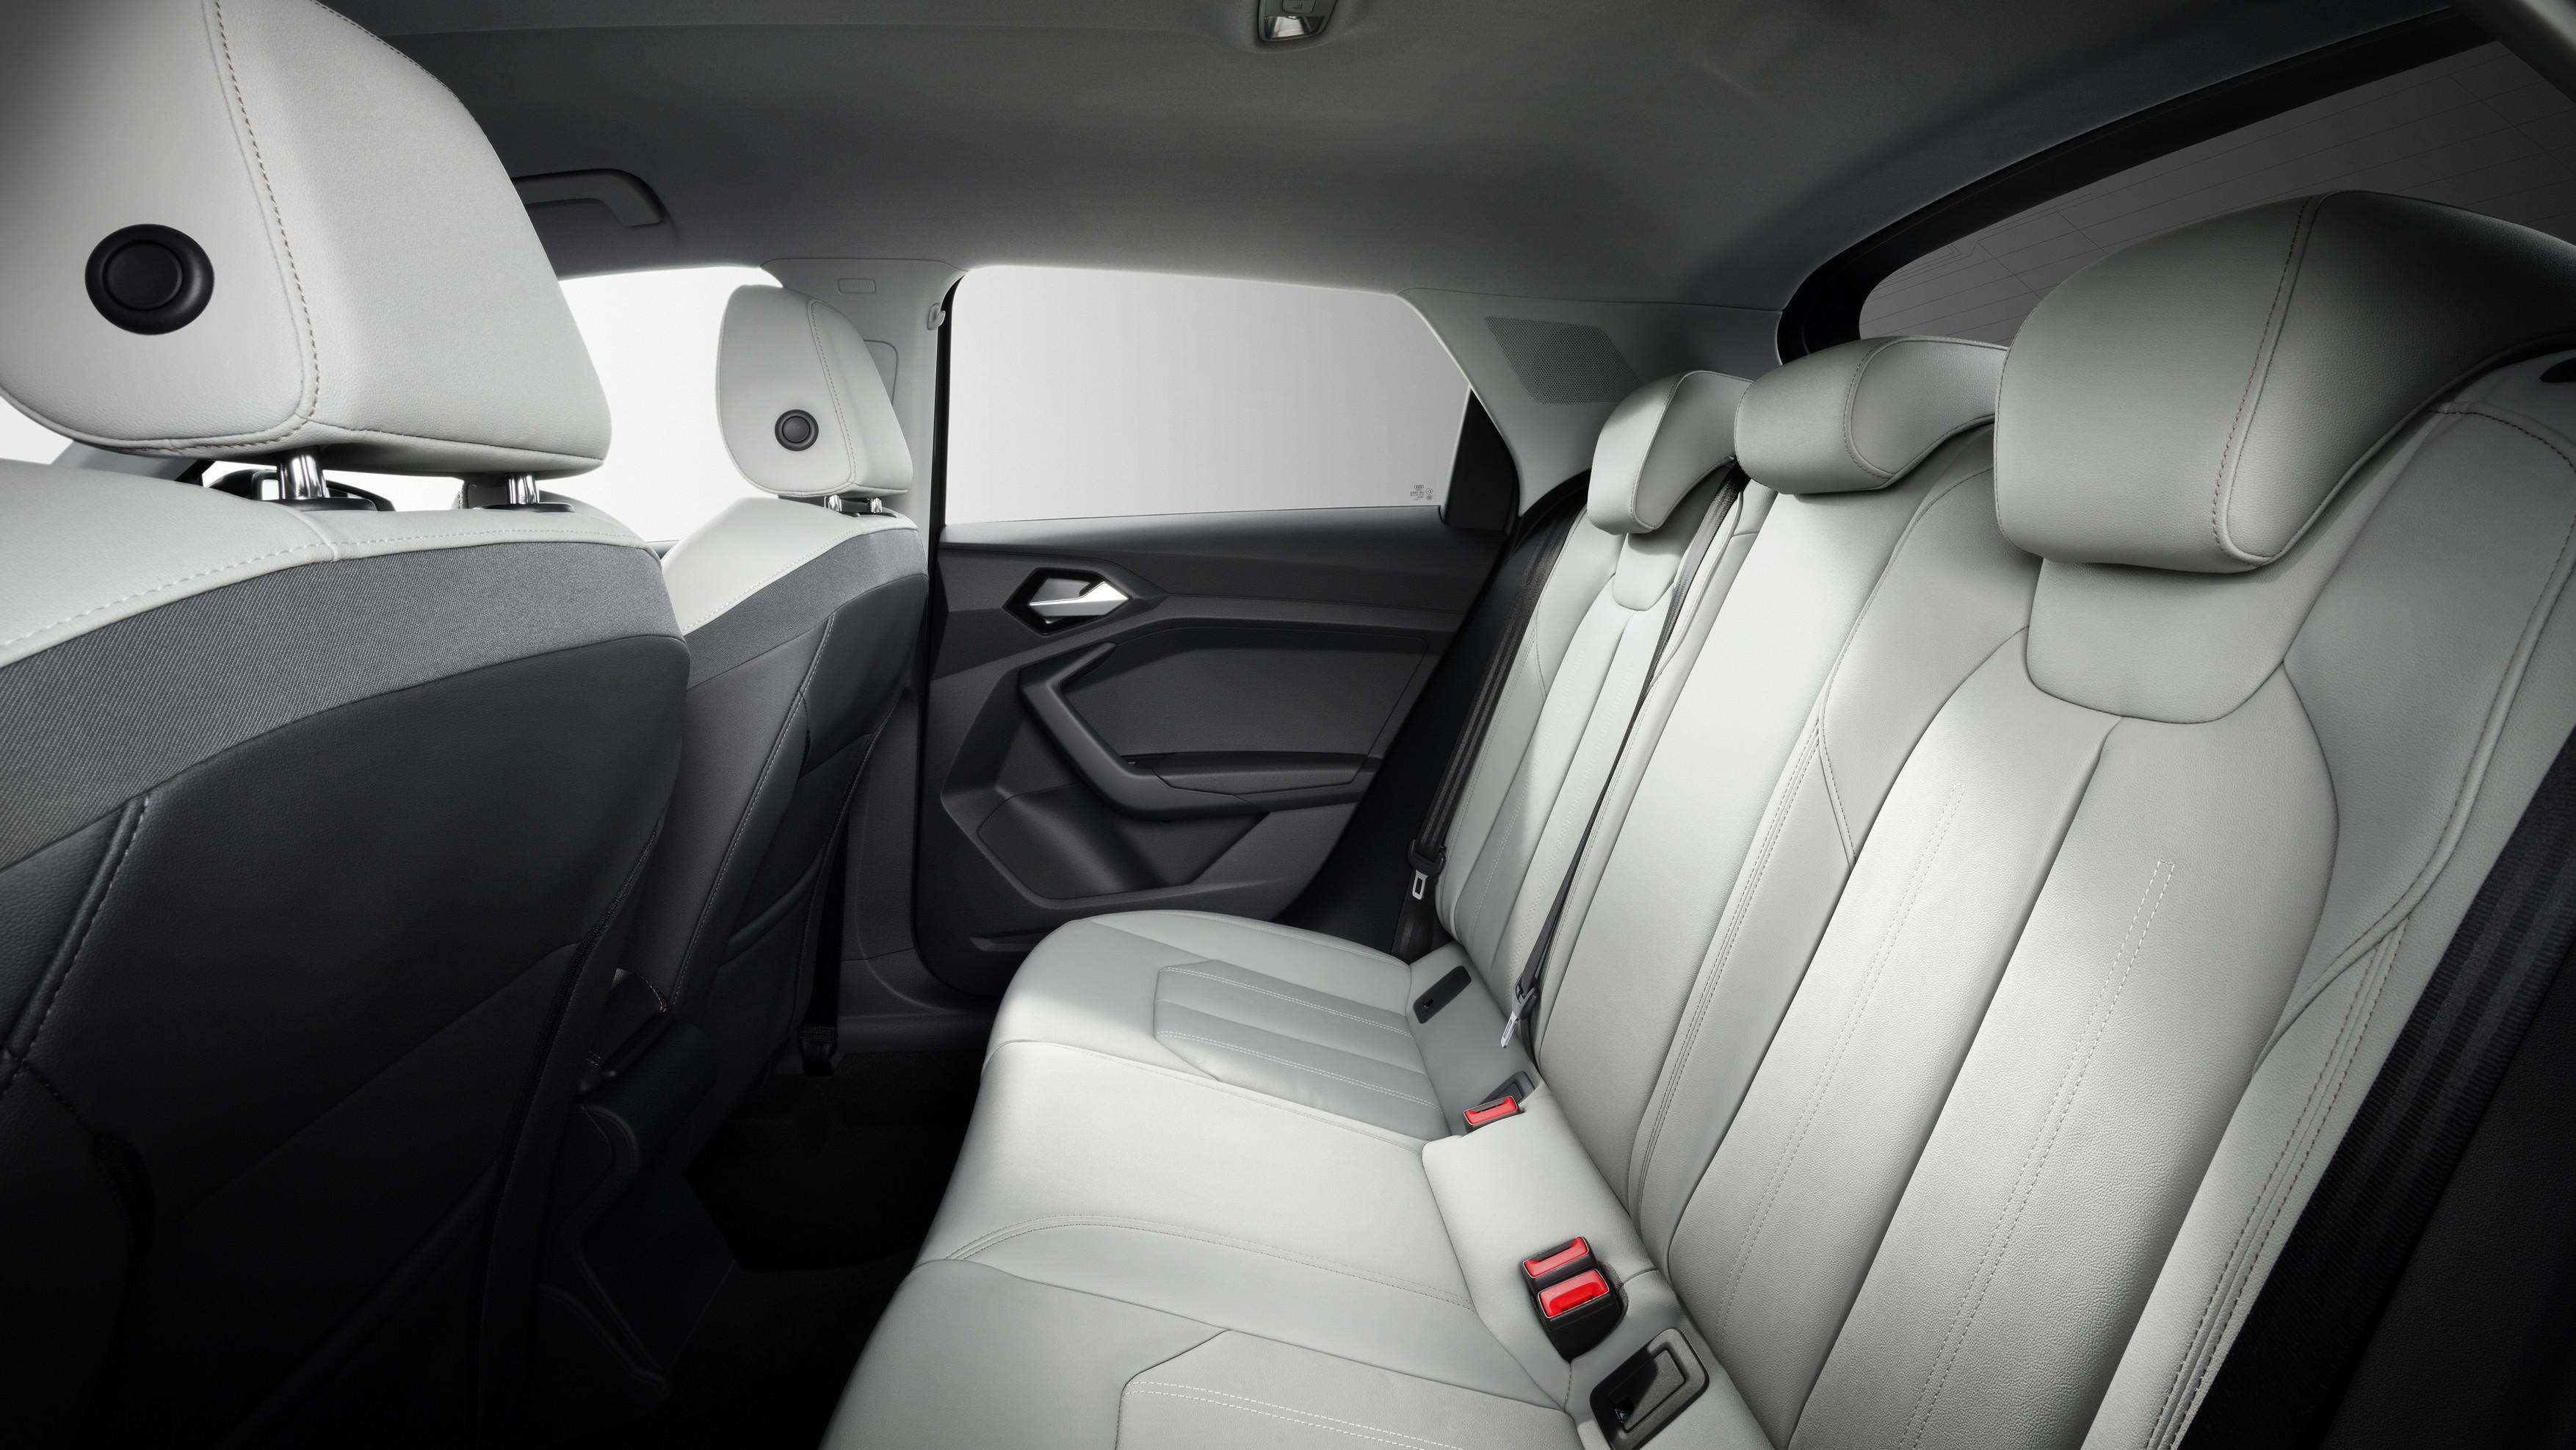 Audi A1 Sportback Rear Seats